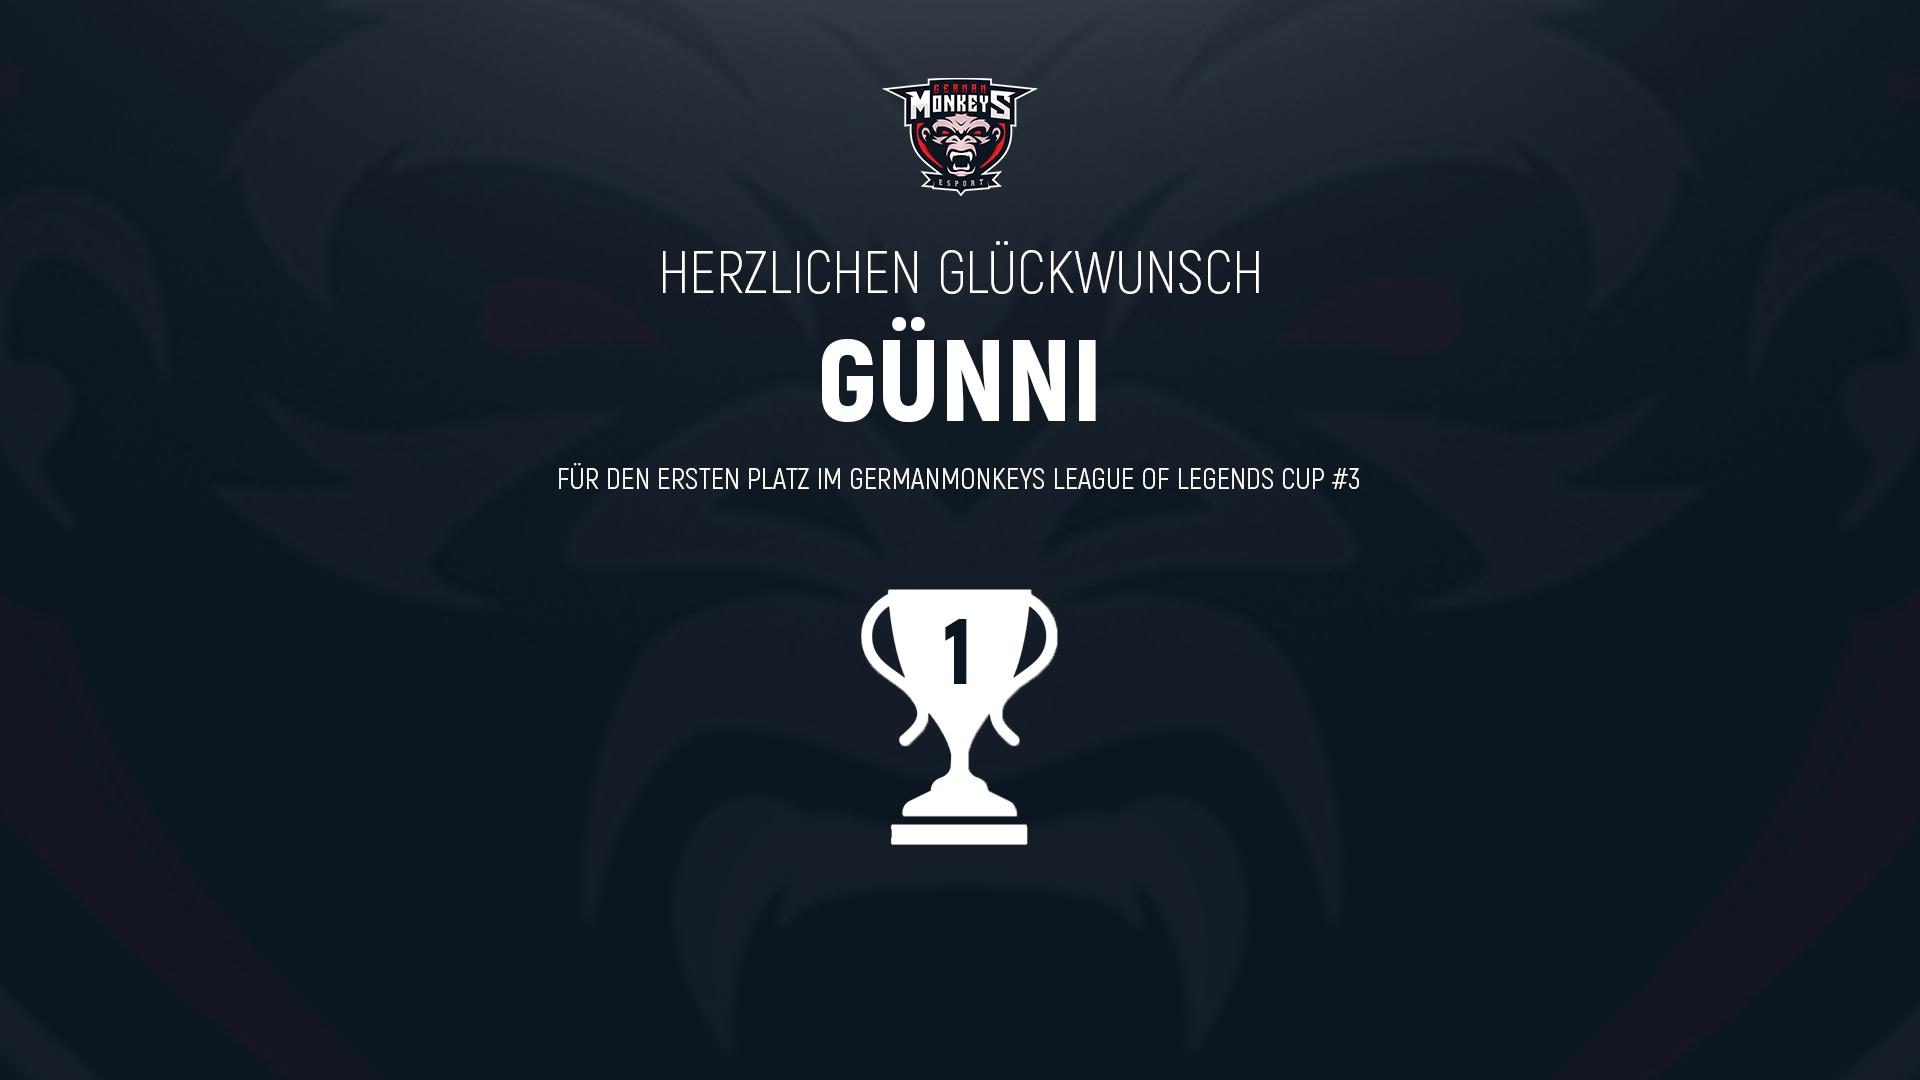 sieger-des-league-of-legends-cup-3